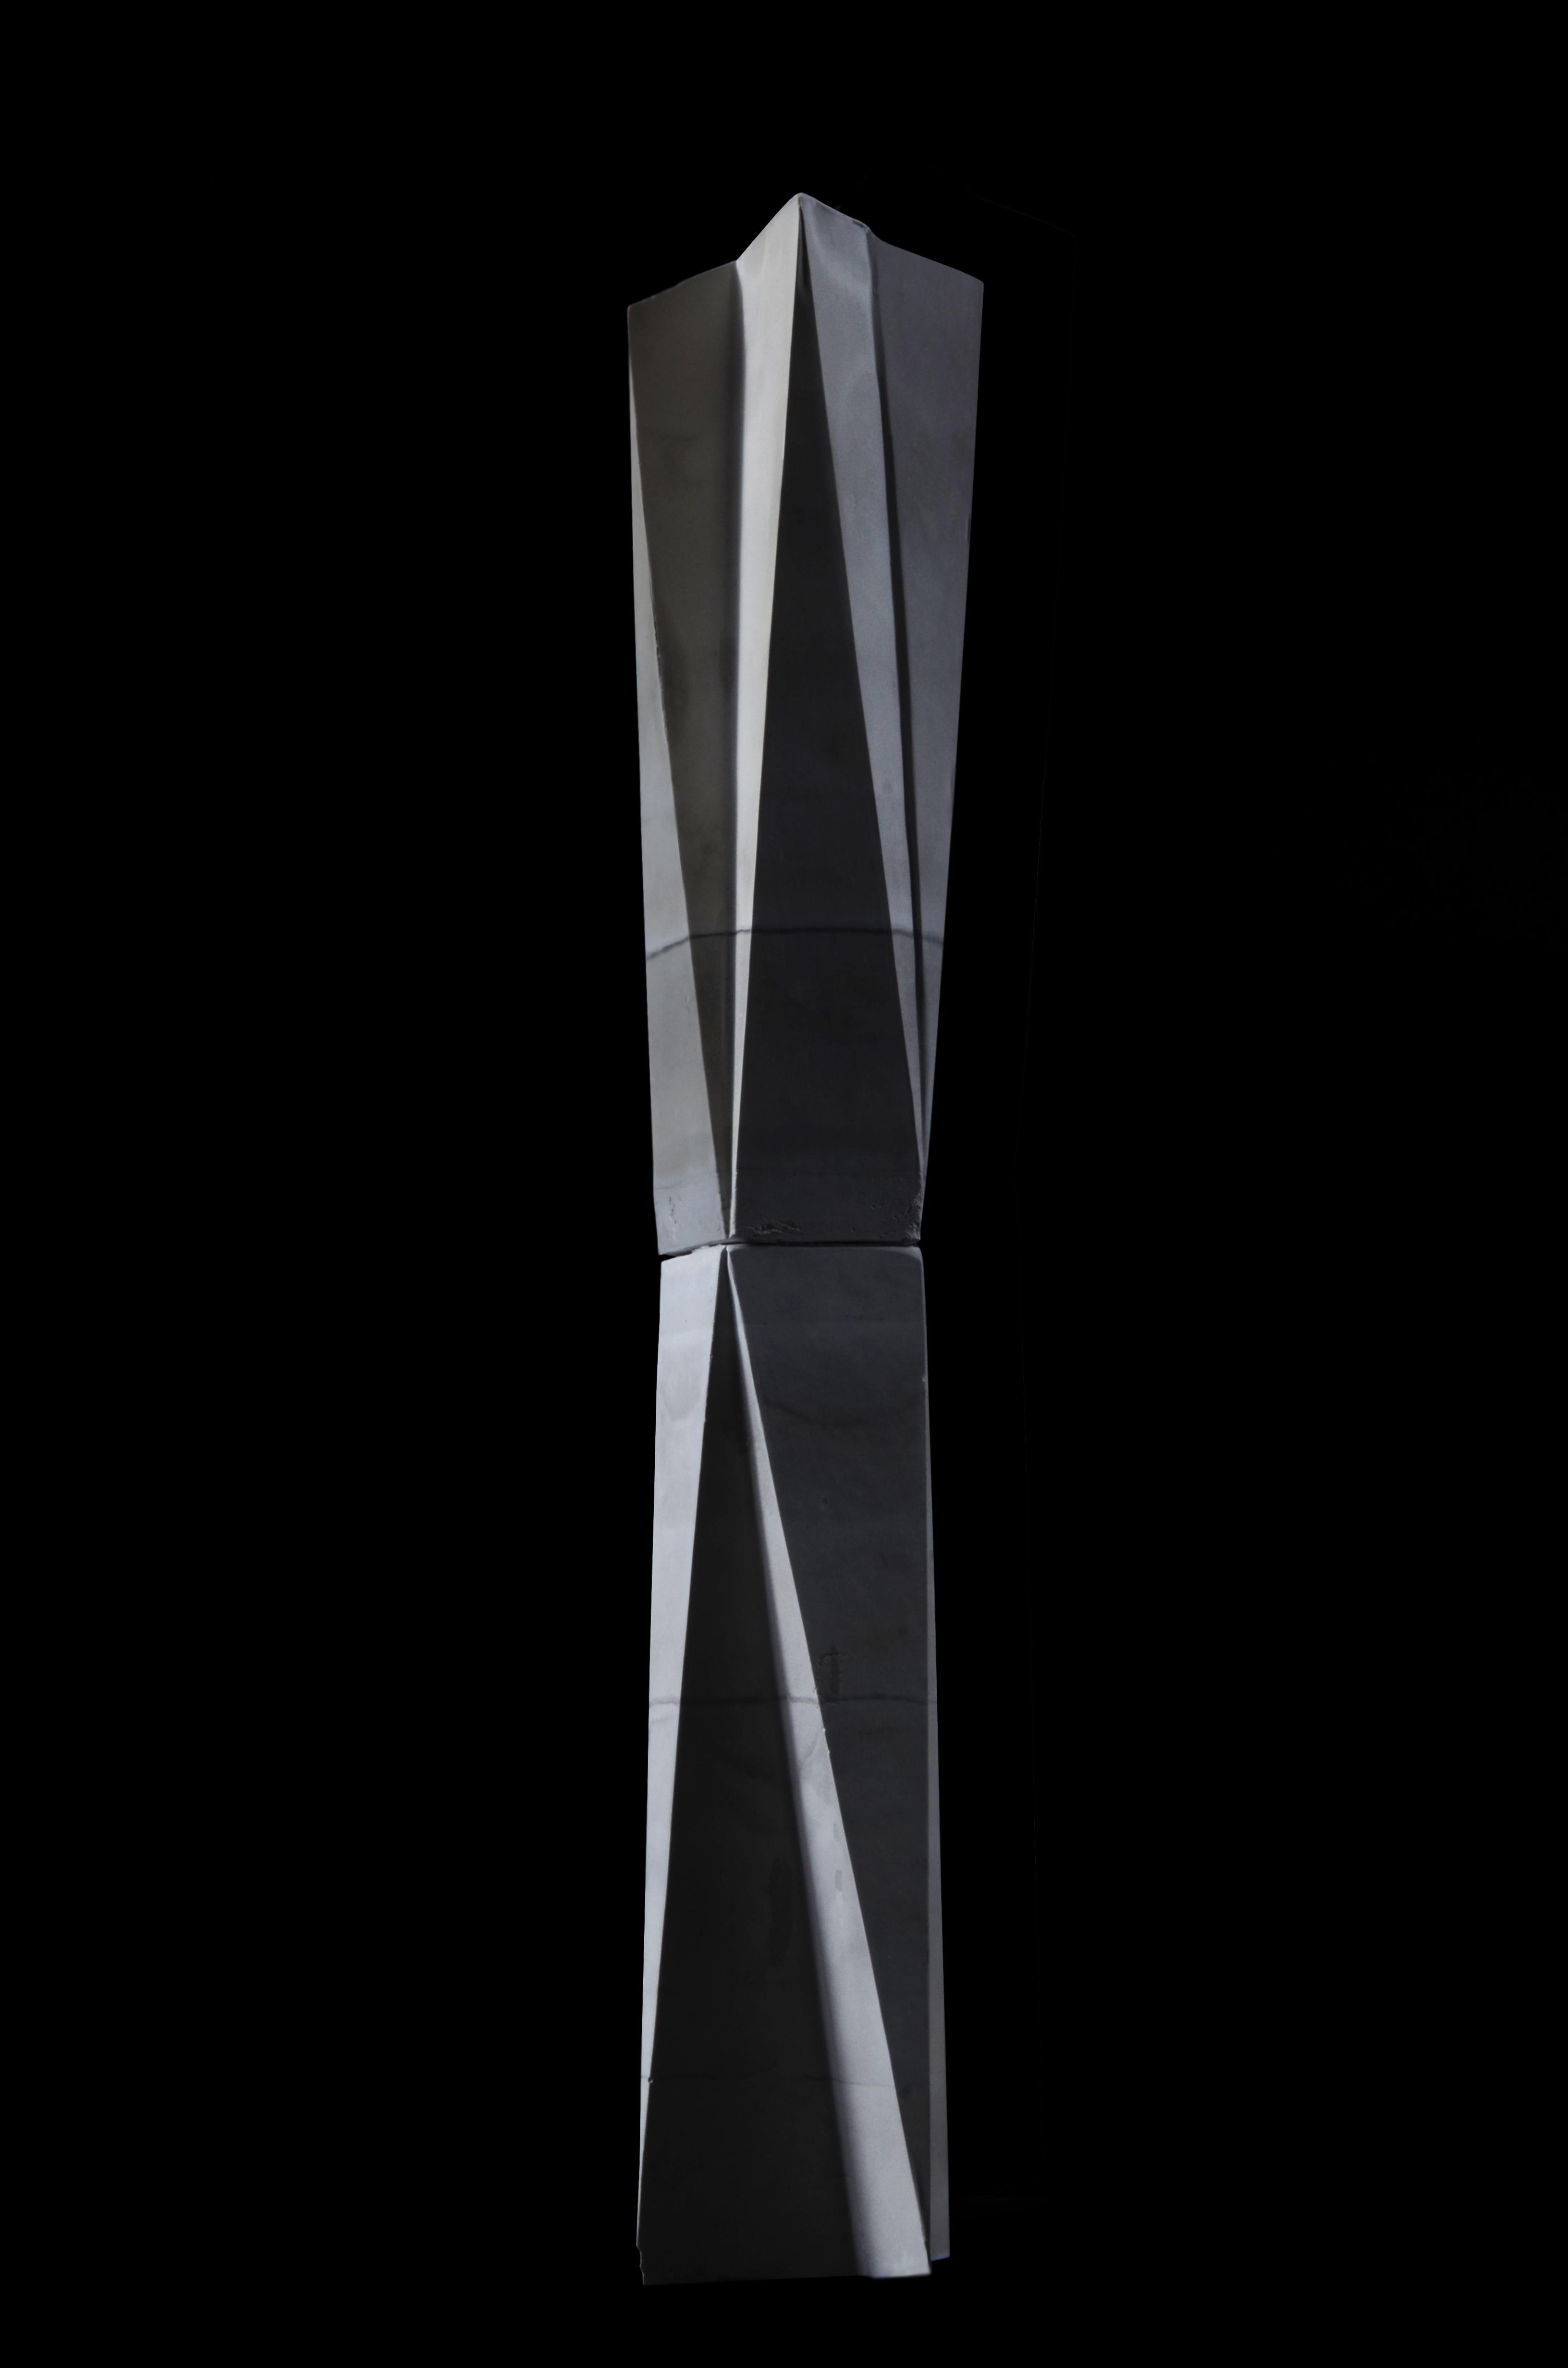 TOWER-MANHATTAN-TEXAS A&M-22